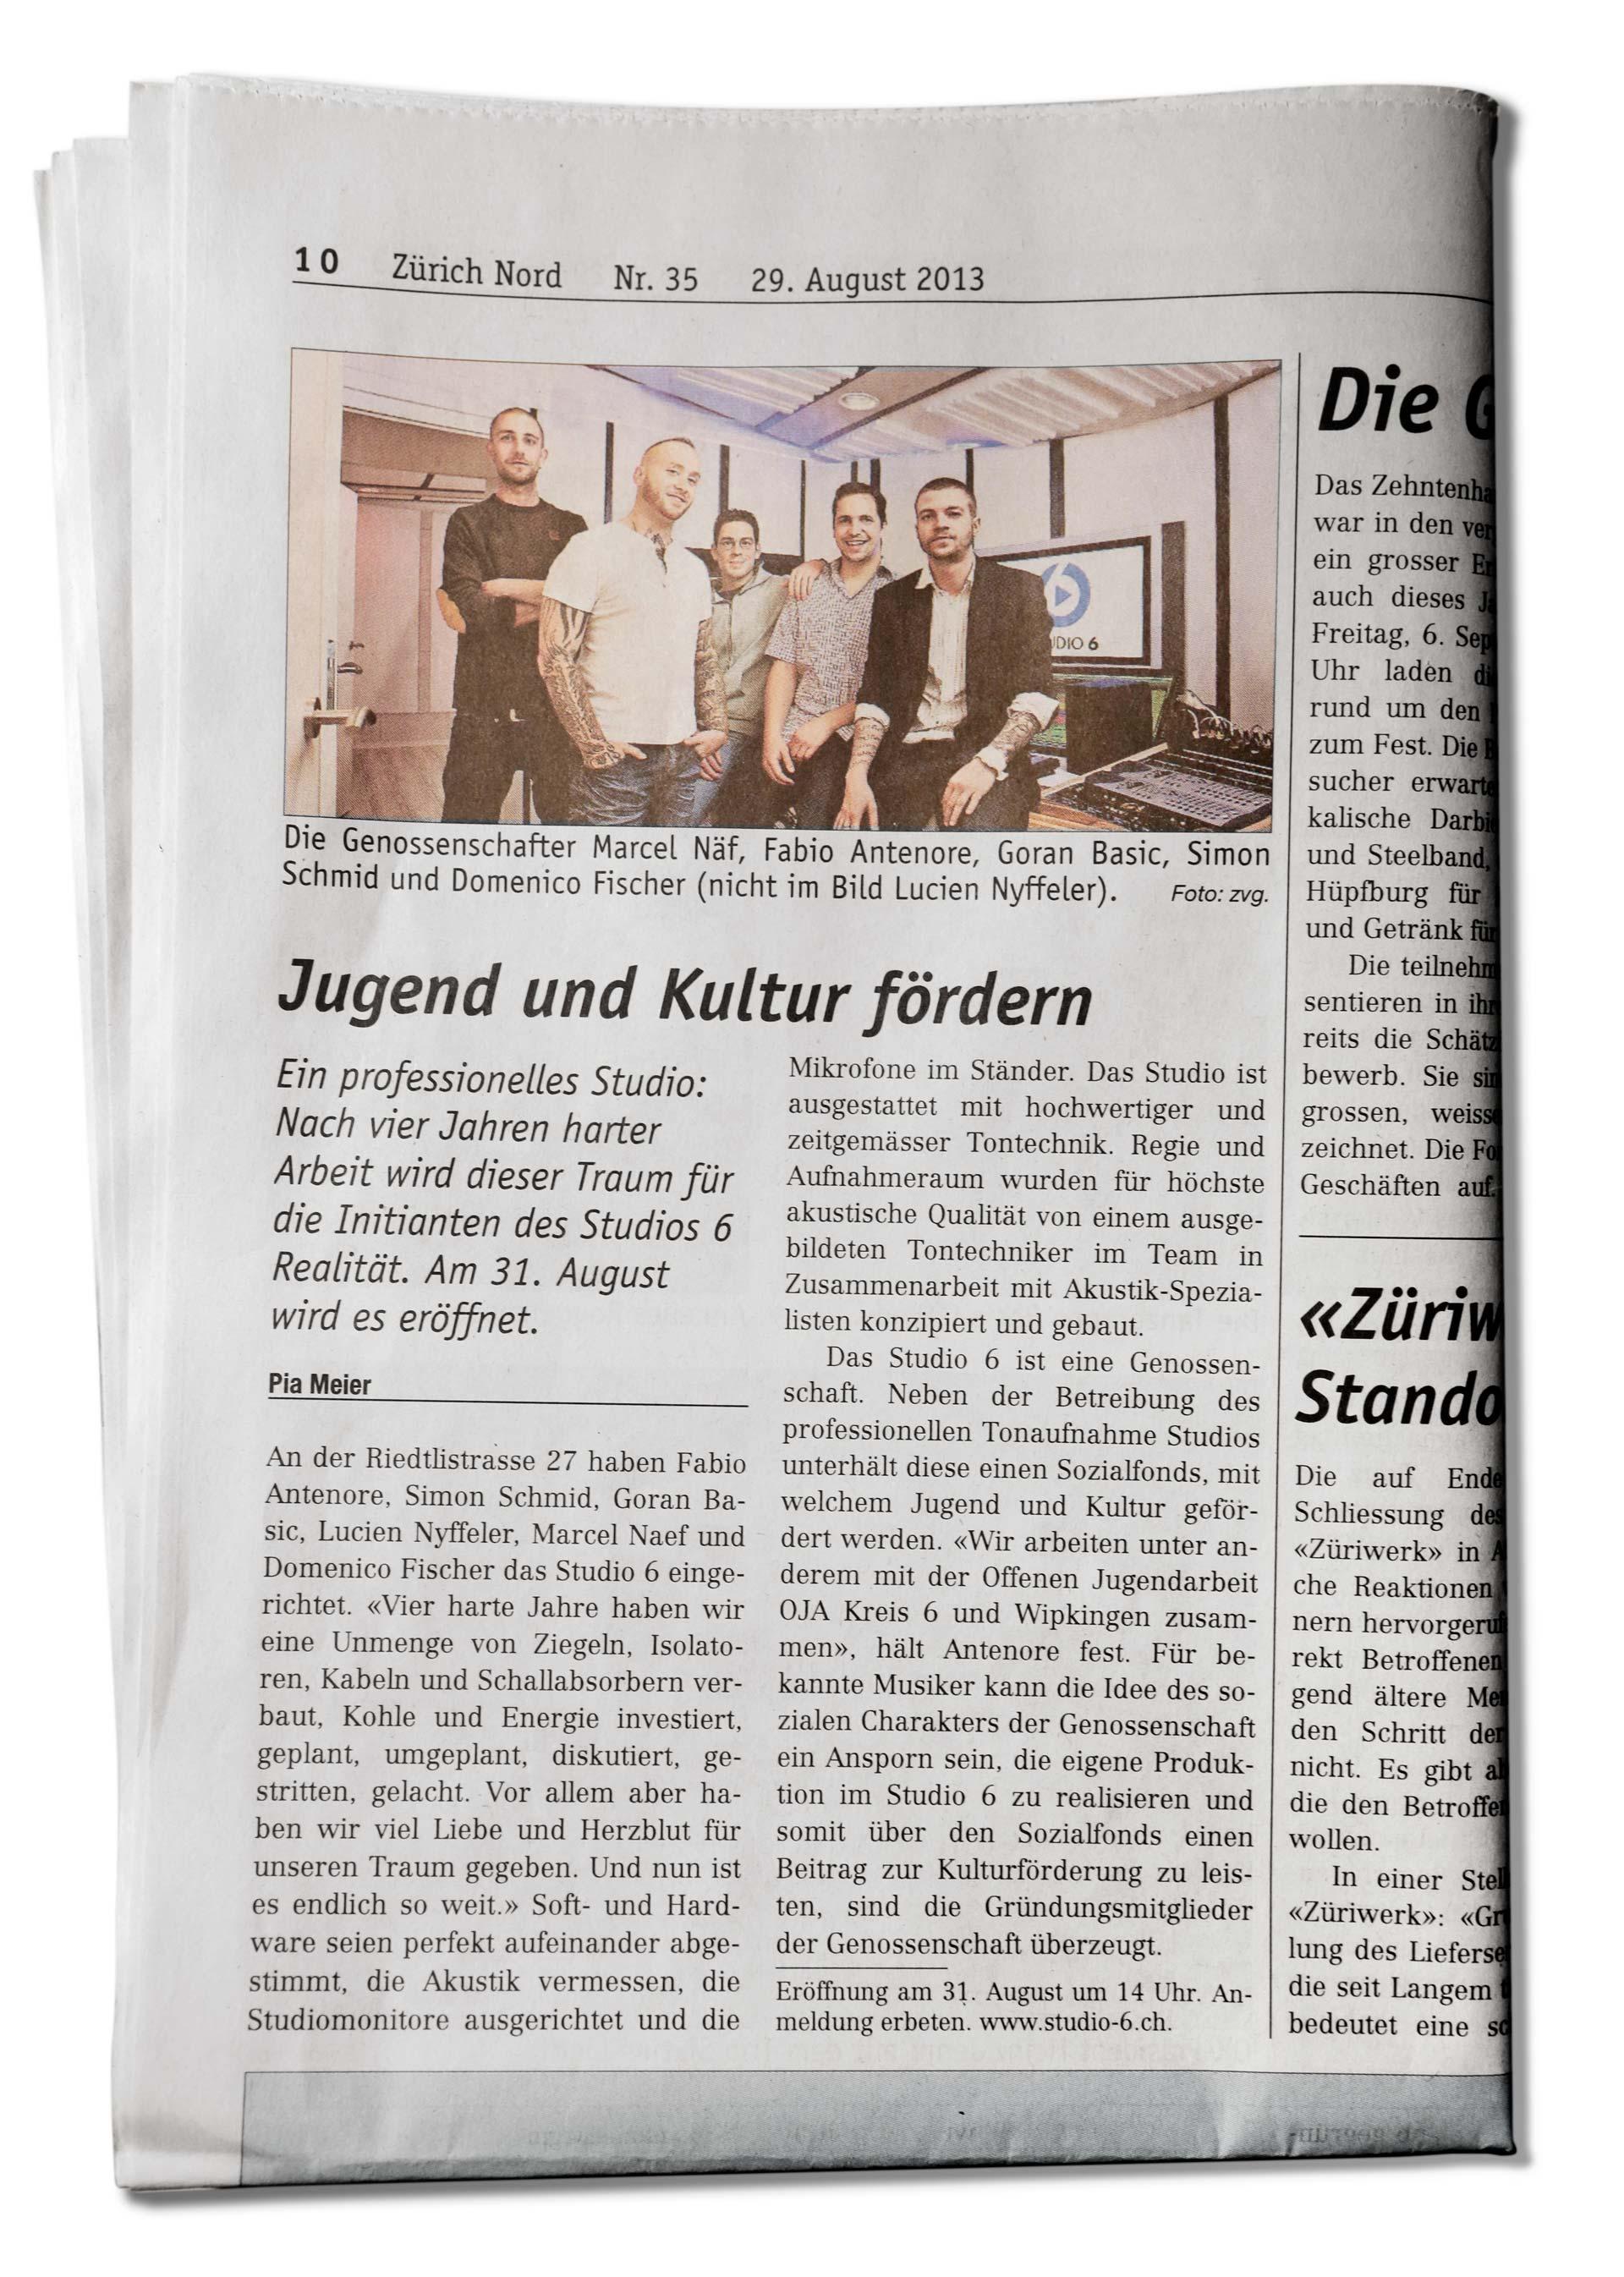 - Zürich Nord, 29.08.2013Pia Meier von Züri Nord kurz vor der offiziellen Eröffnung über Jugend- und Kulturförderung und das fertige Studio-6: